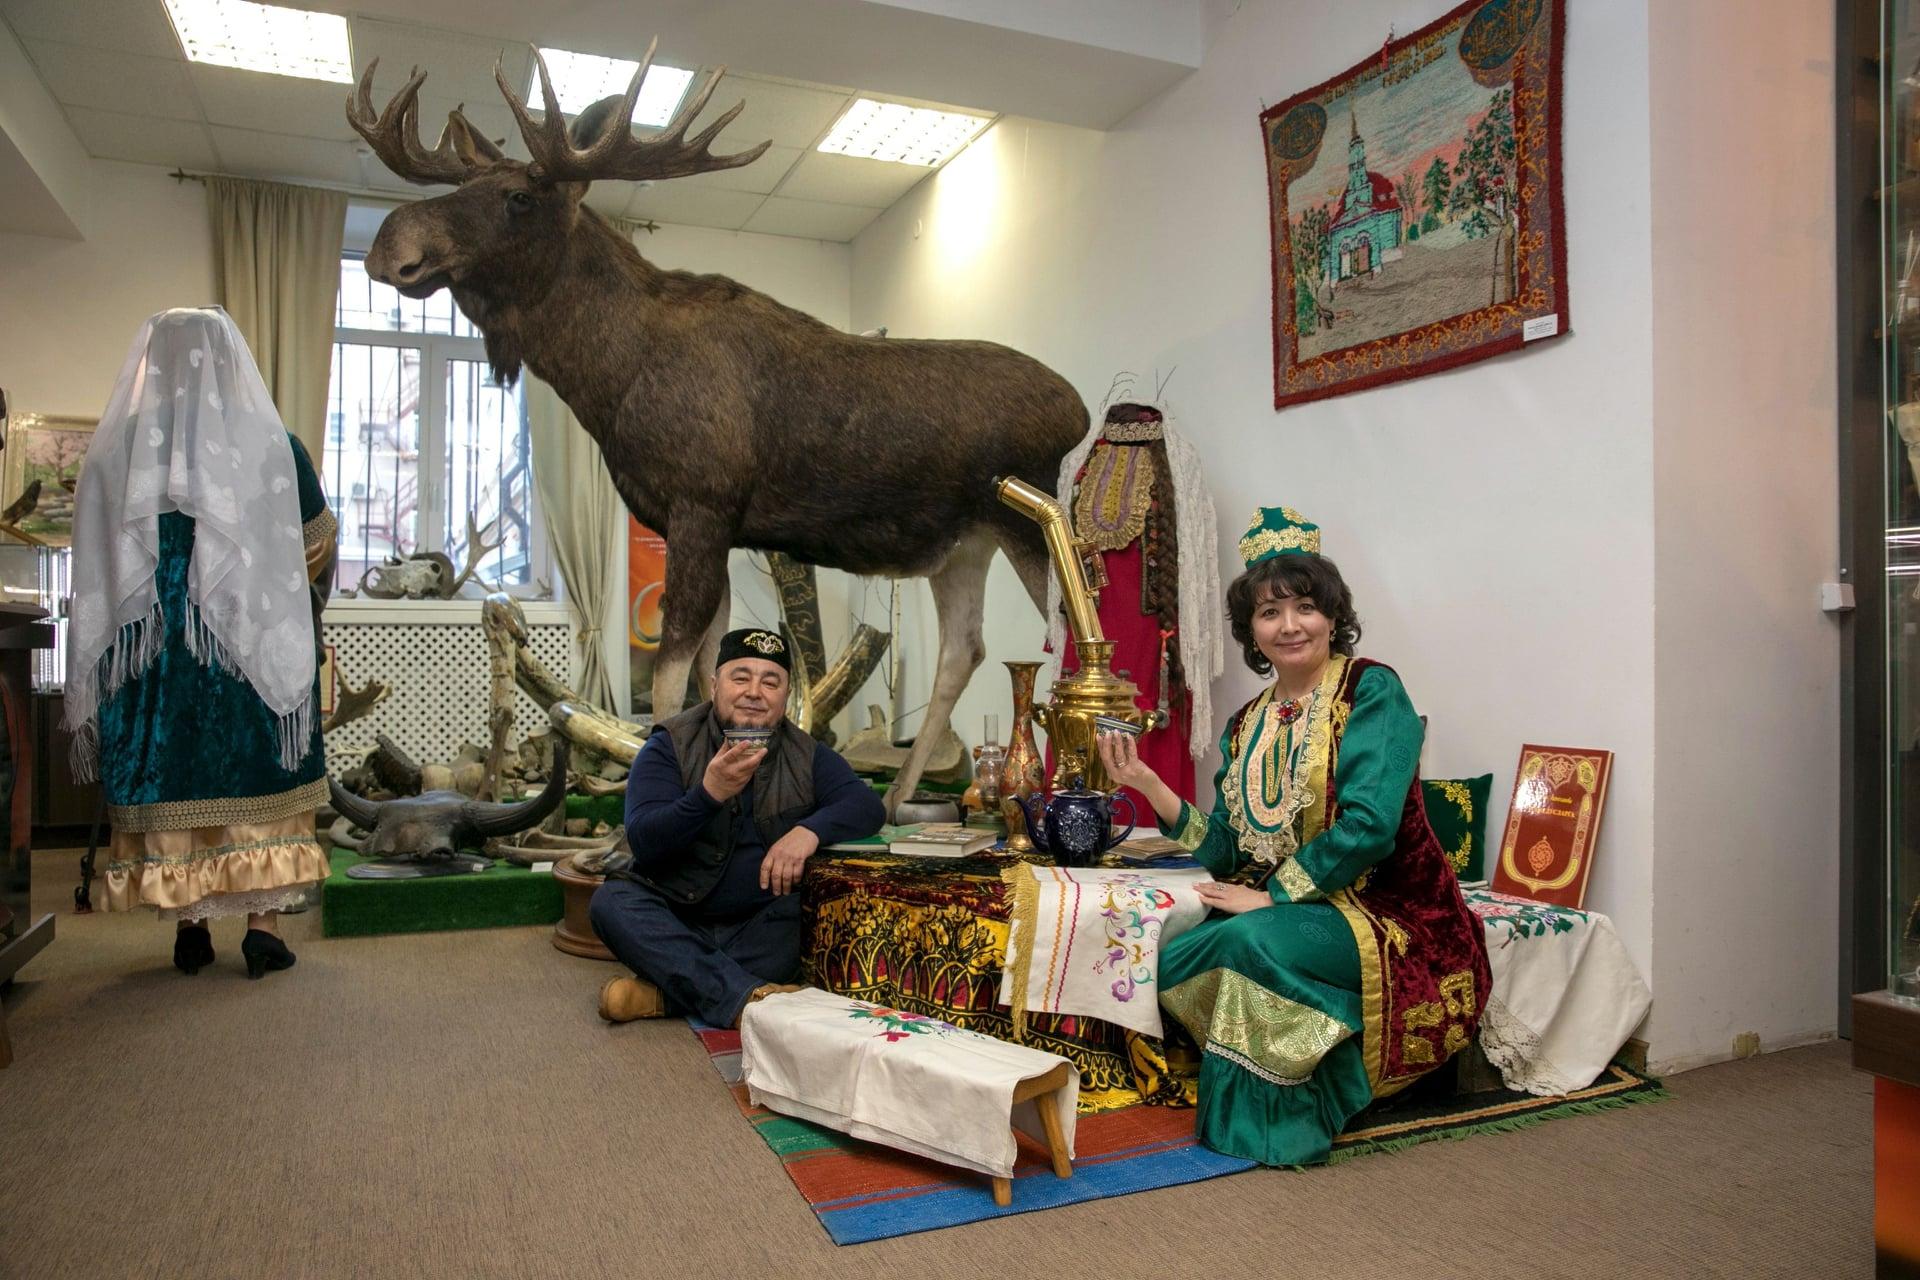 культура и быт сибирских татар, выставка, легенды сибири, фотозона, сфотографировать, музей, экспонаты, купить сувенир, тюркский, ринат, неля,